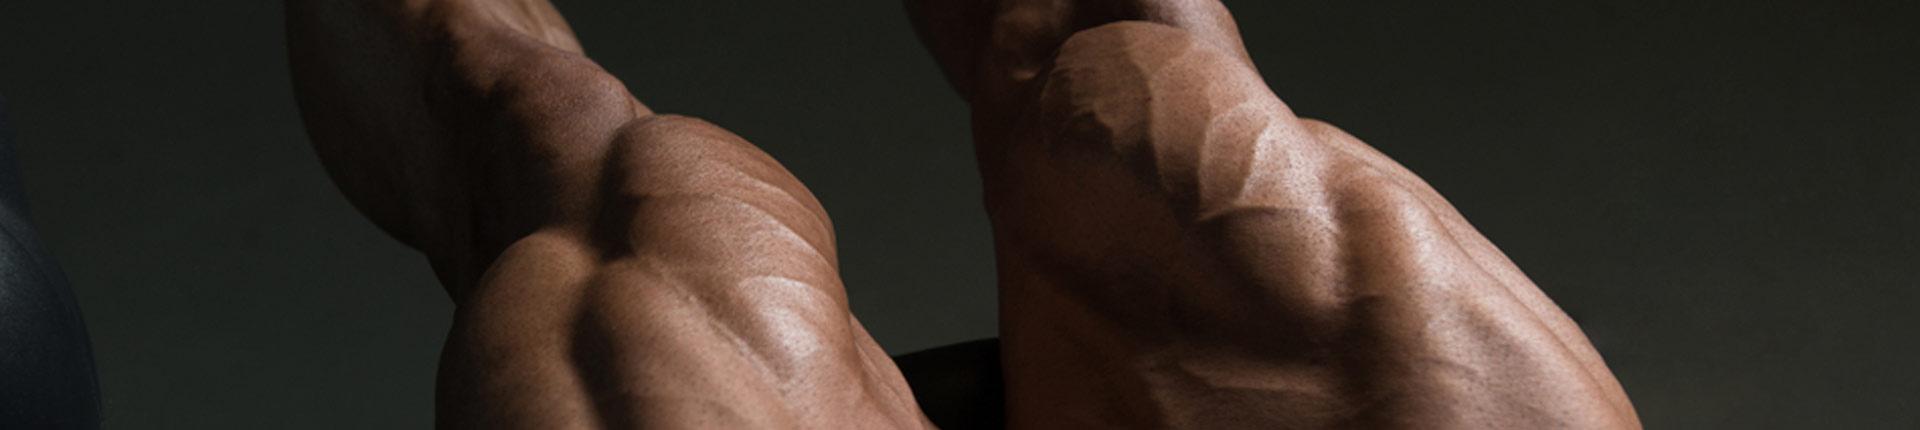 Jak trenować nogi? 6 najlepszych planów treningowych dla mężczyzn!